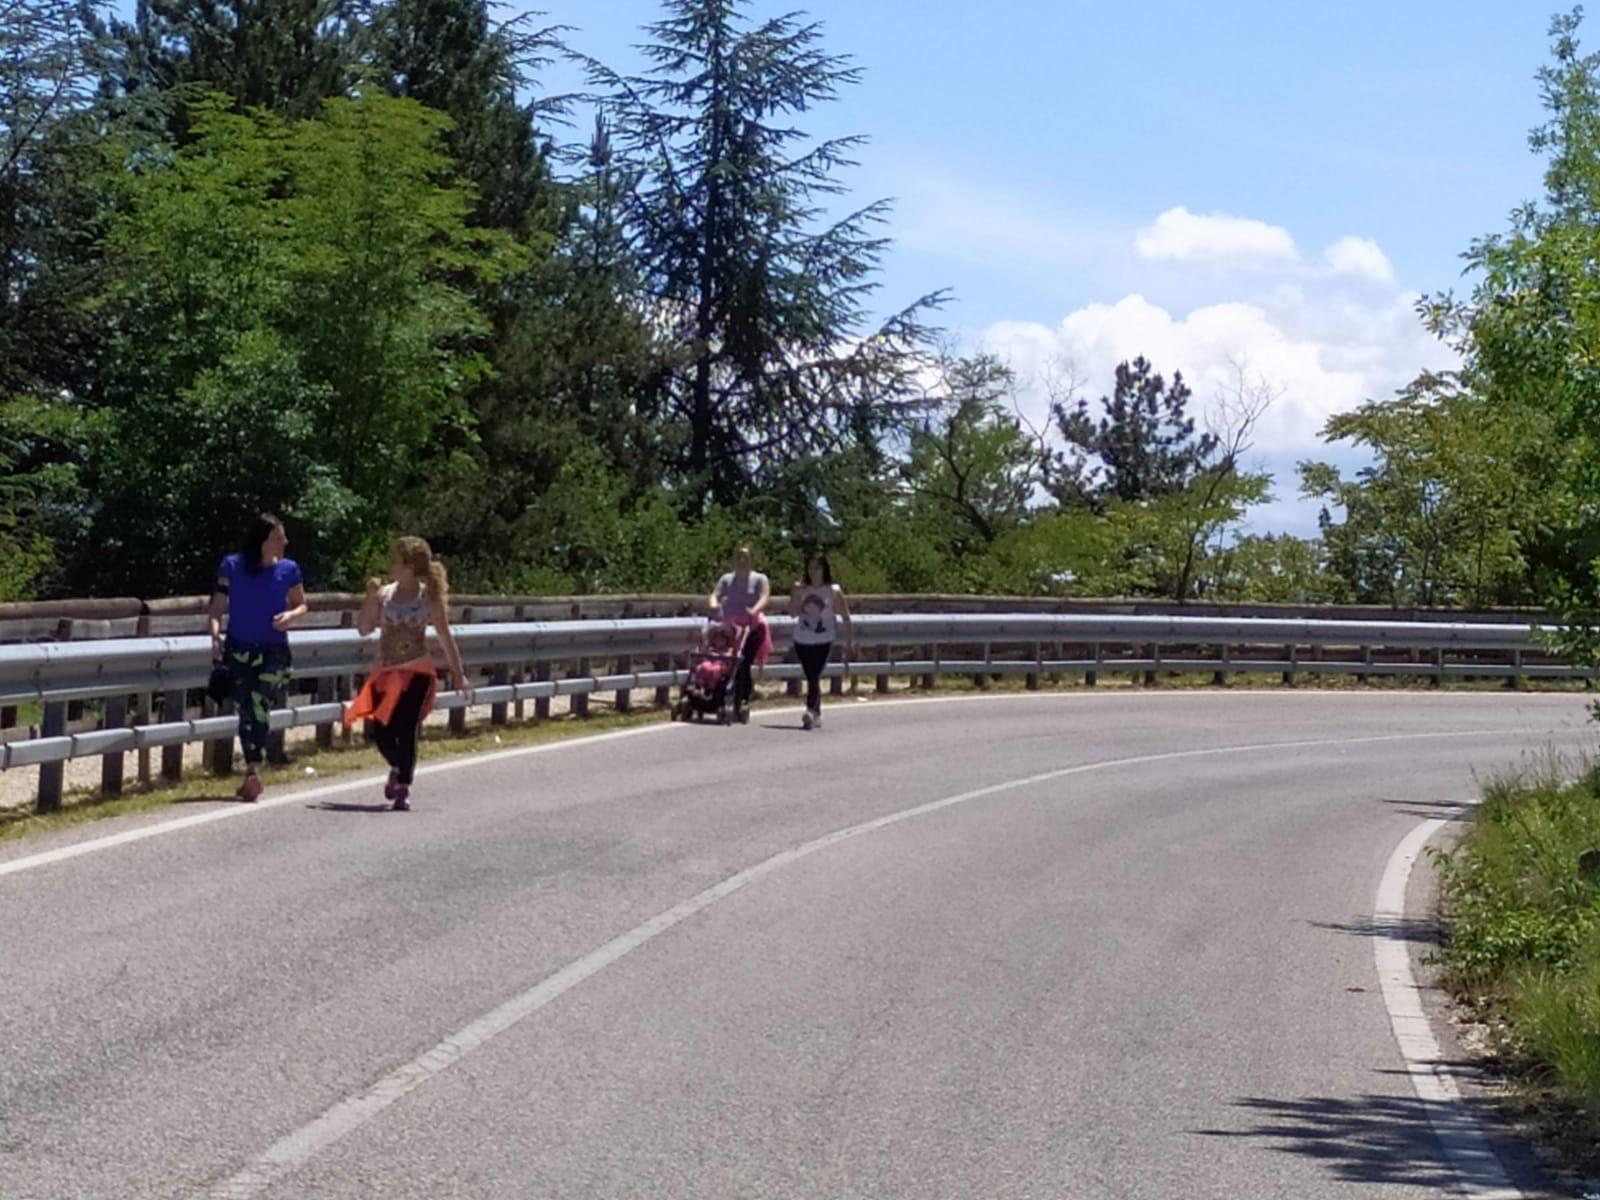 Sul Salviano torna l'isola pedonale estiva (9-17) dei week end. Da oggi stop fino al 15 ottobre, nei festivi servizi Scav per le messe delle 10.45 e 12.15